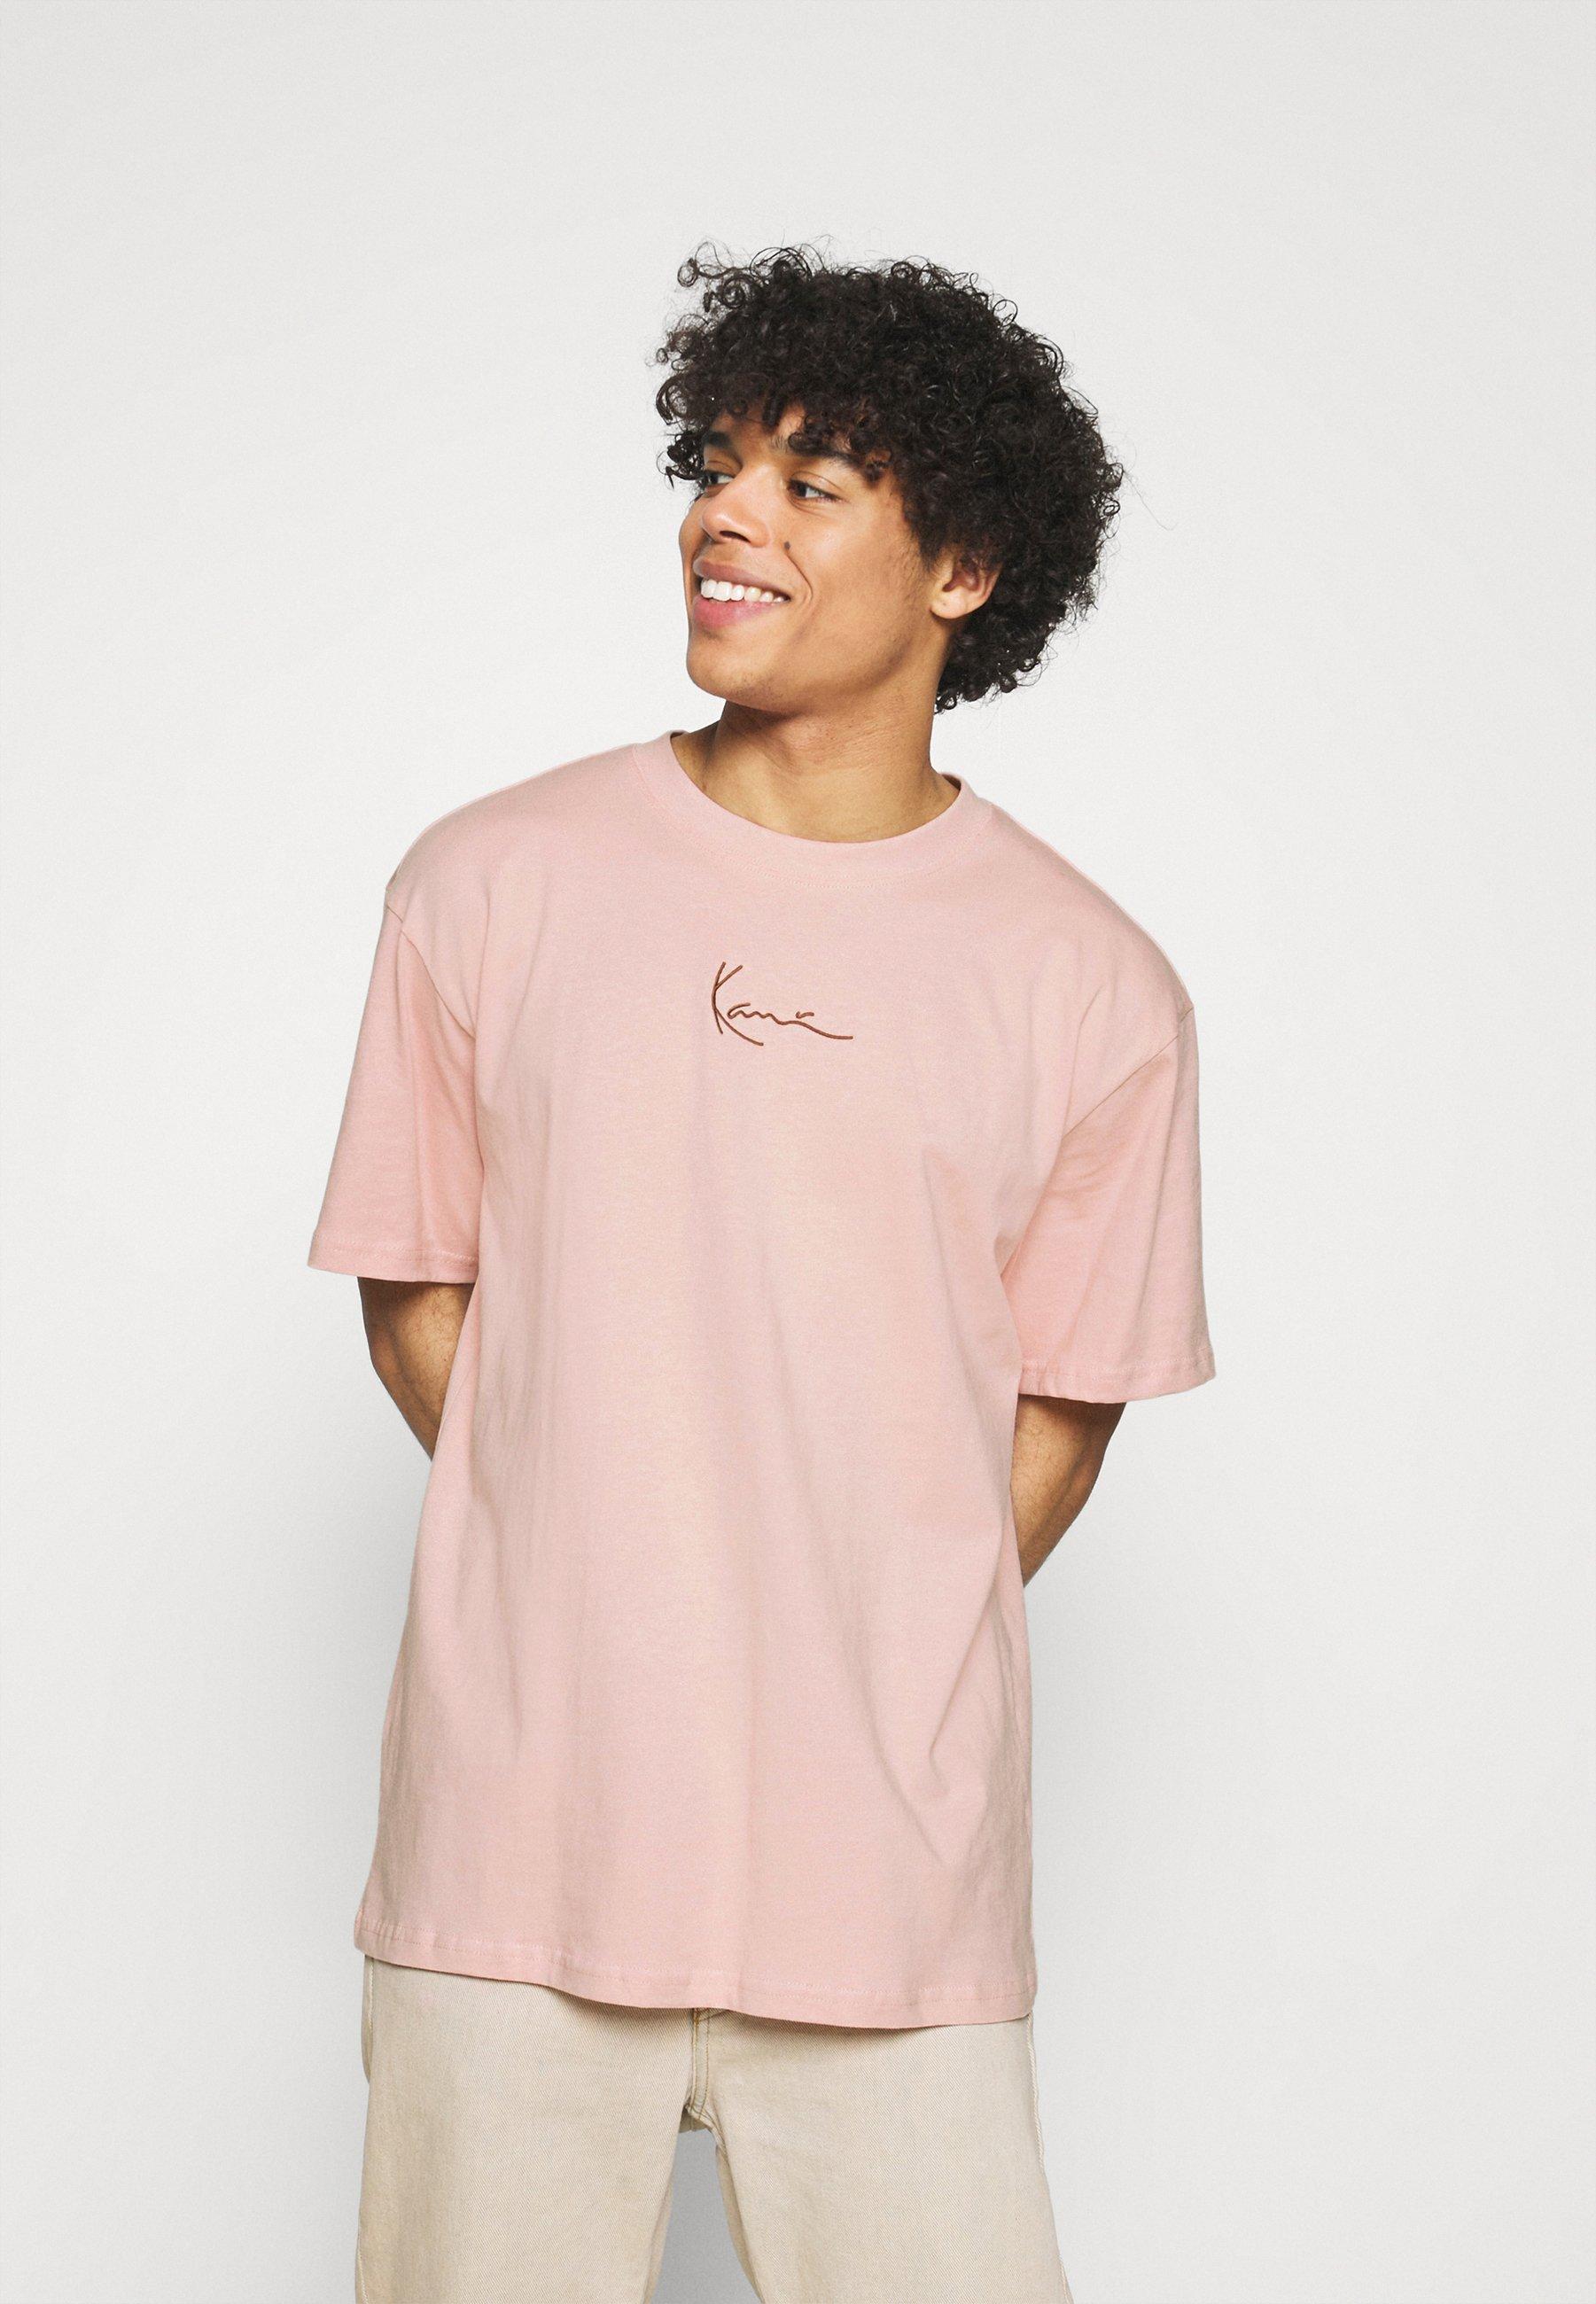 Femme SMALL SIGNATURE TEE UNISEX  - T-shirt imprimé